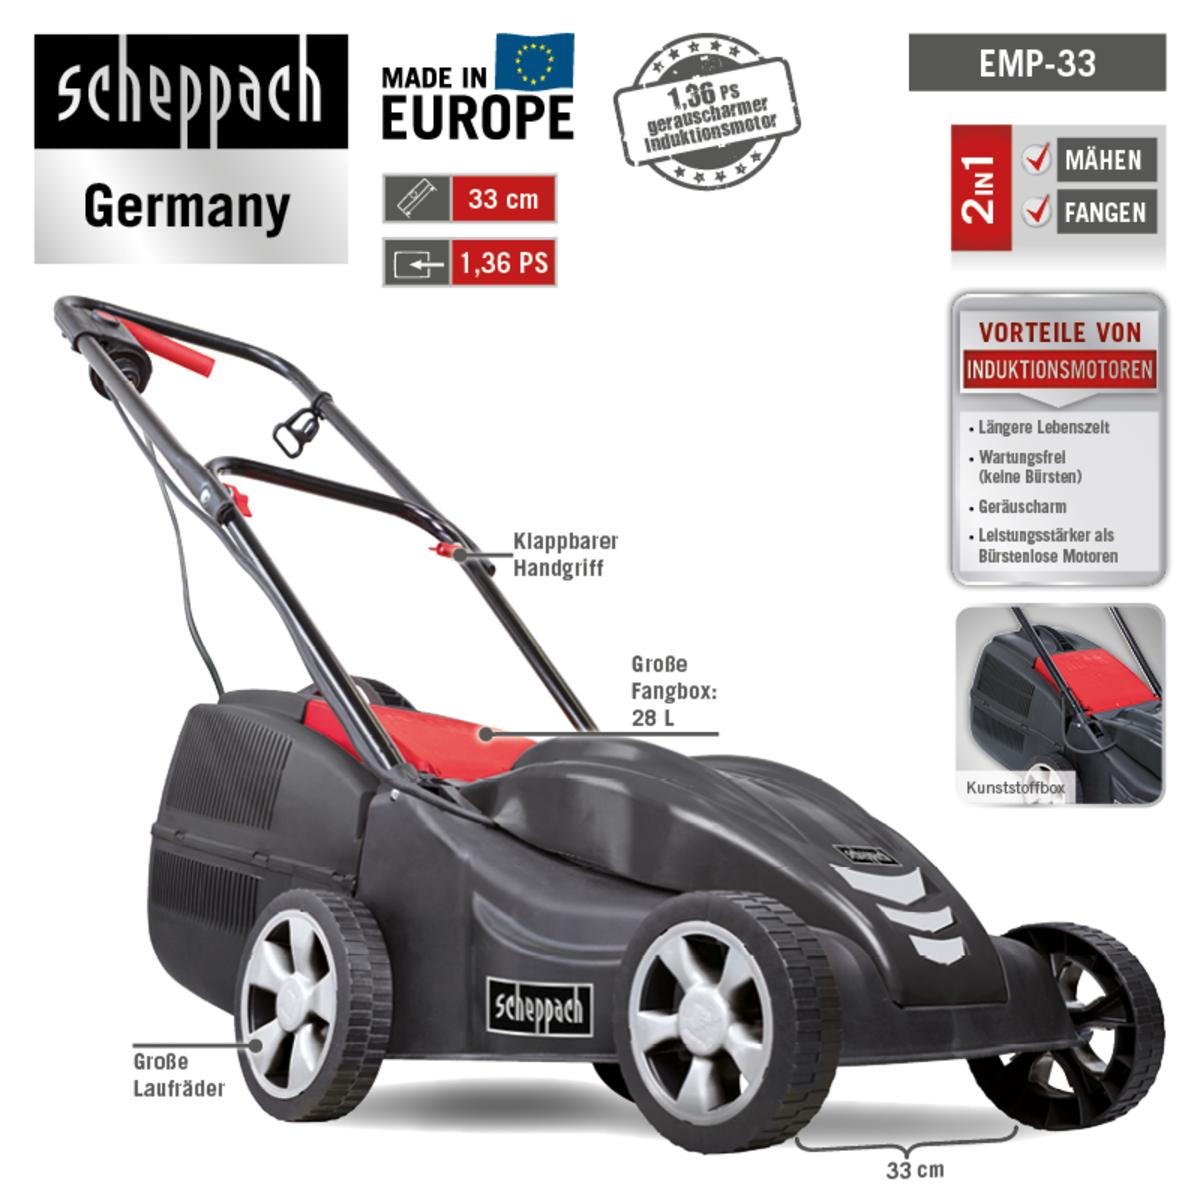 Bild 3 von Scheppach Elektro Rasenmäher EMP-33 1.00kW 230V/50Hz